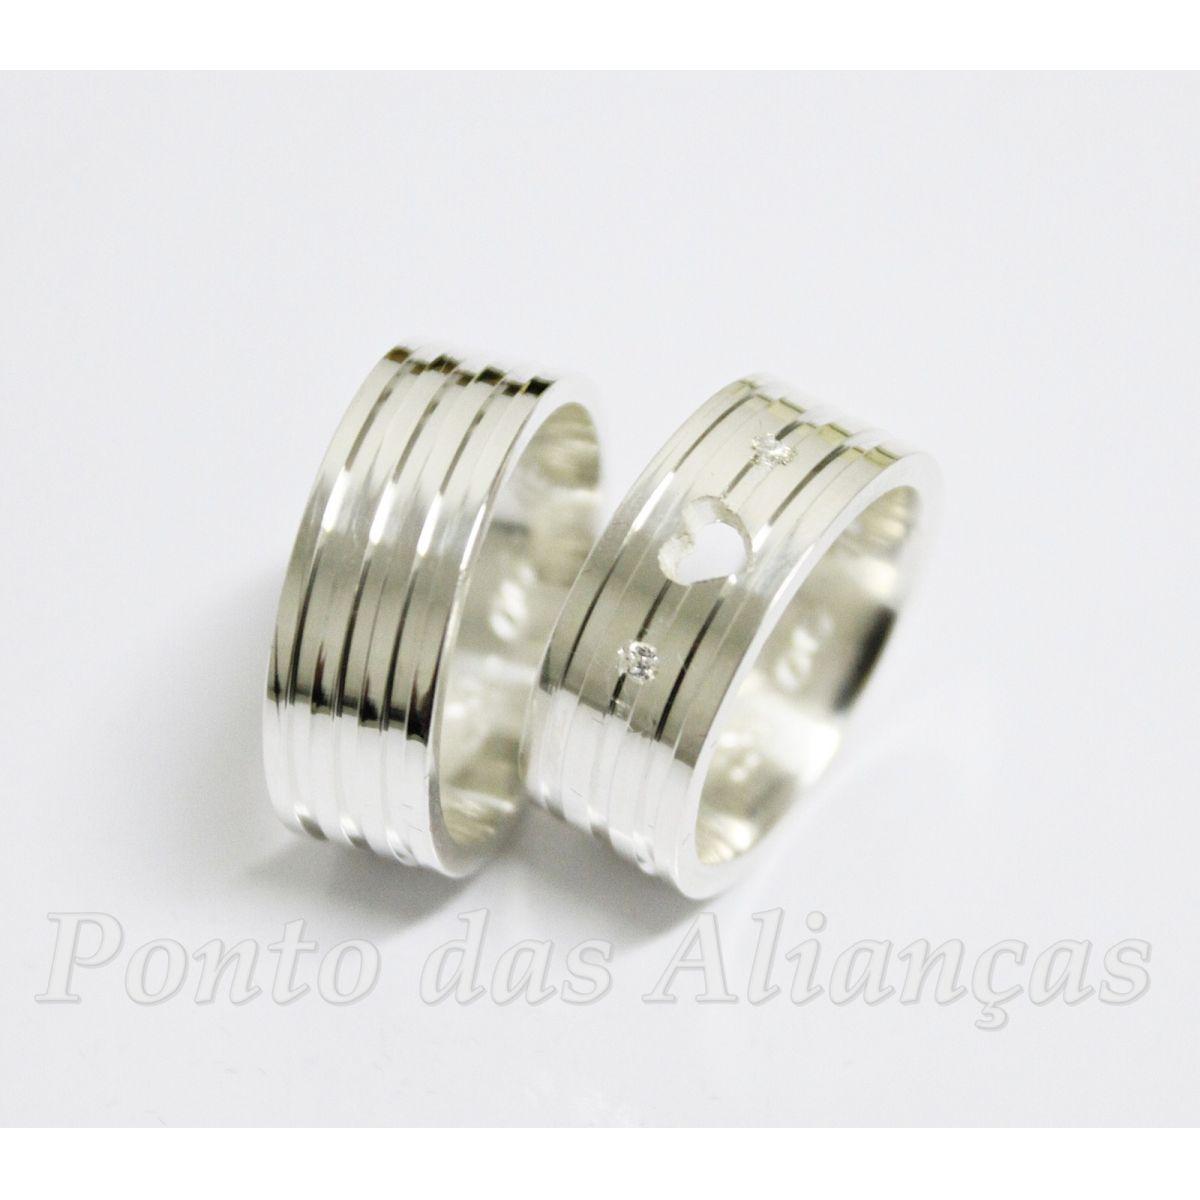 Alianças de Prata Compromisso - 3052